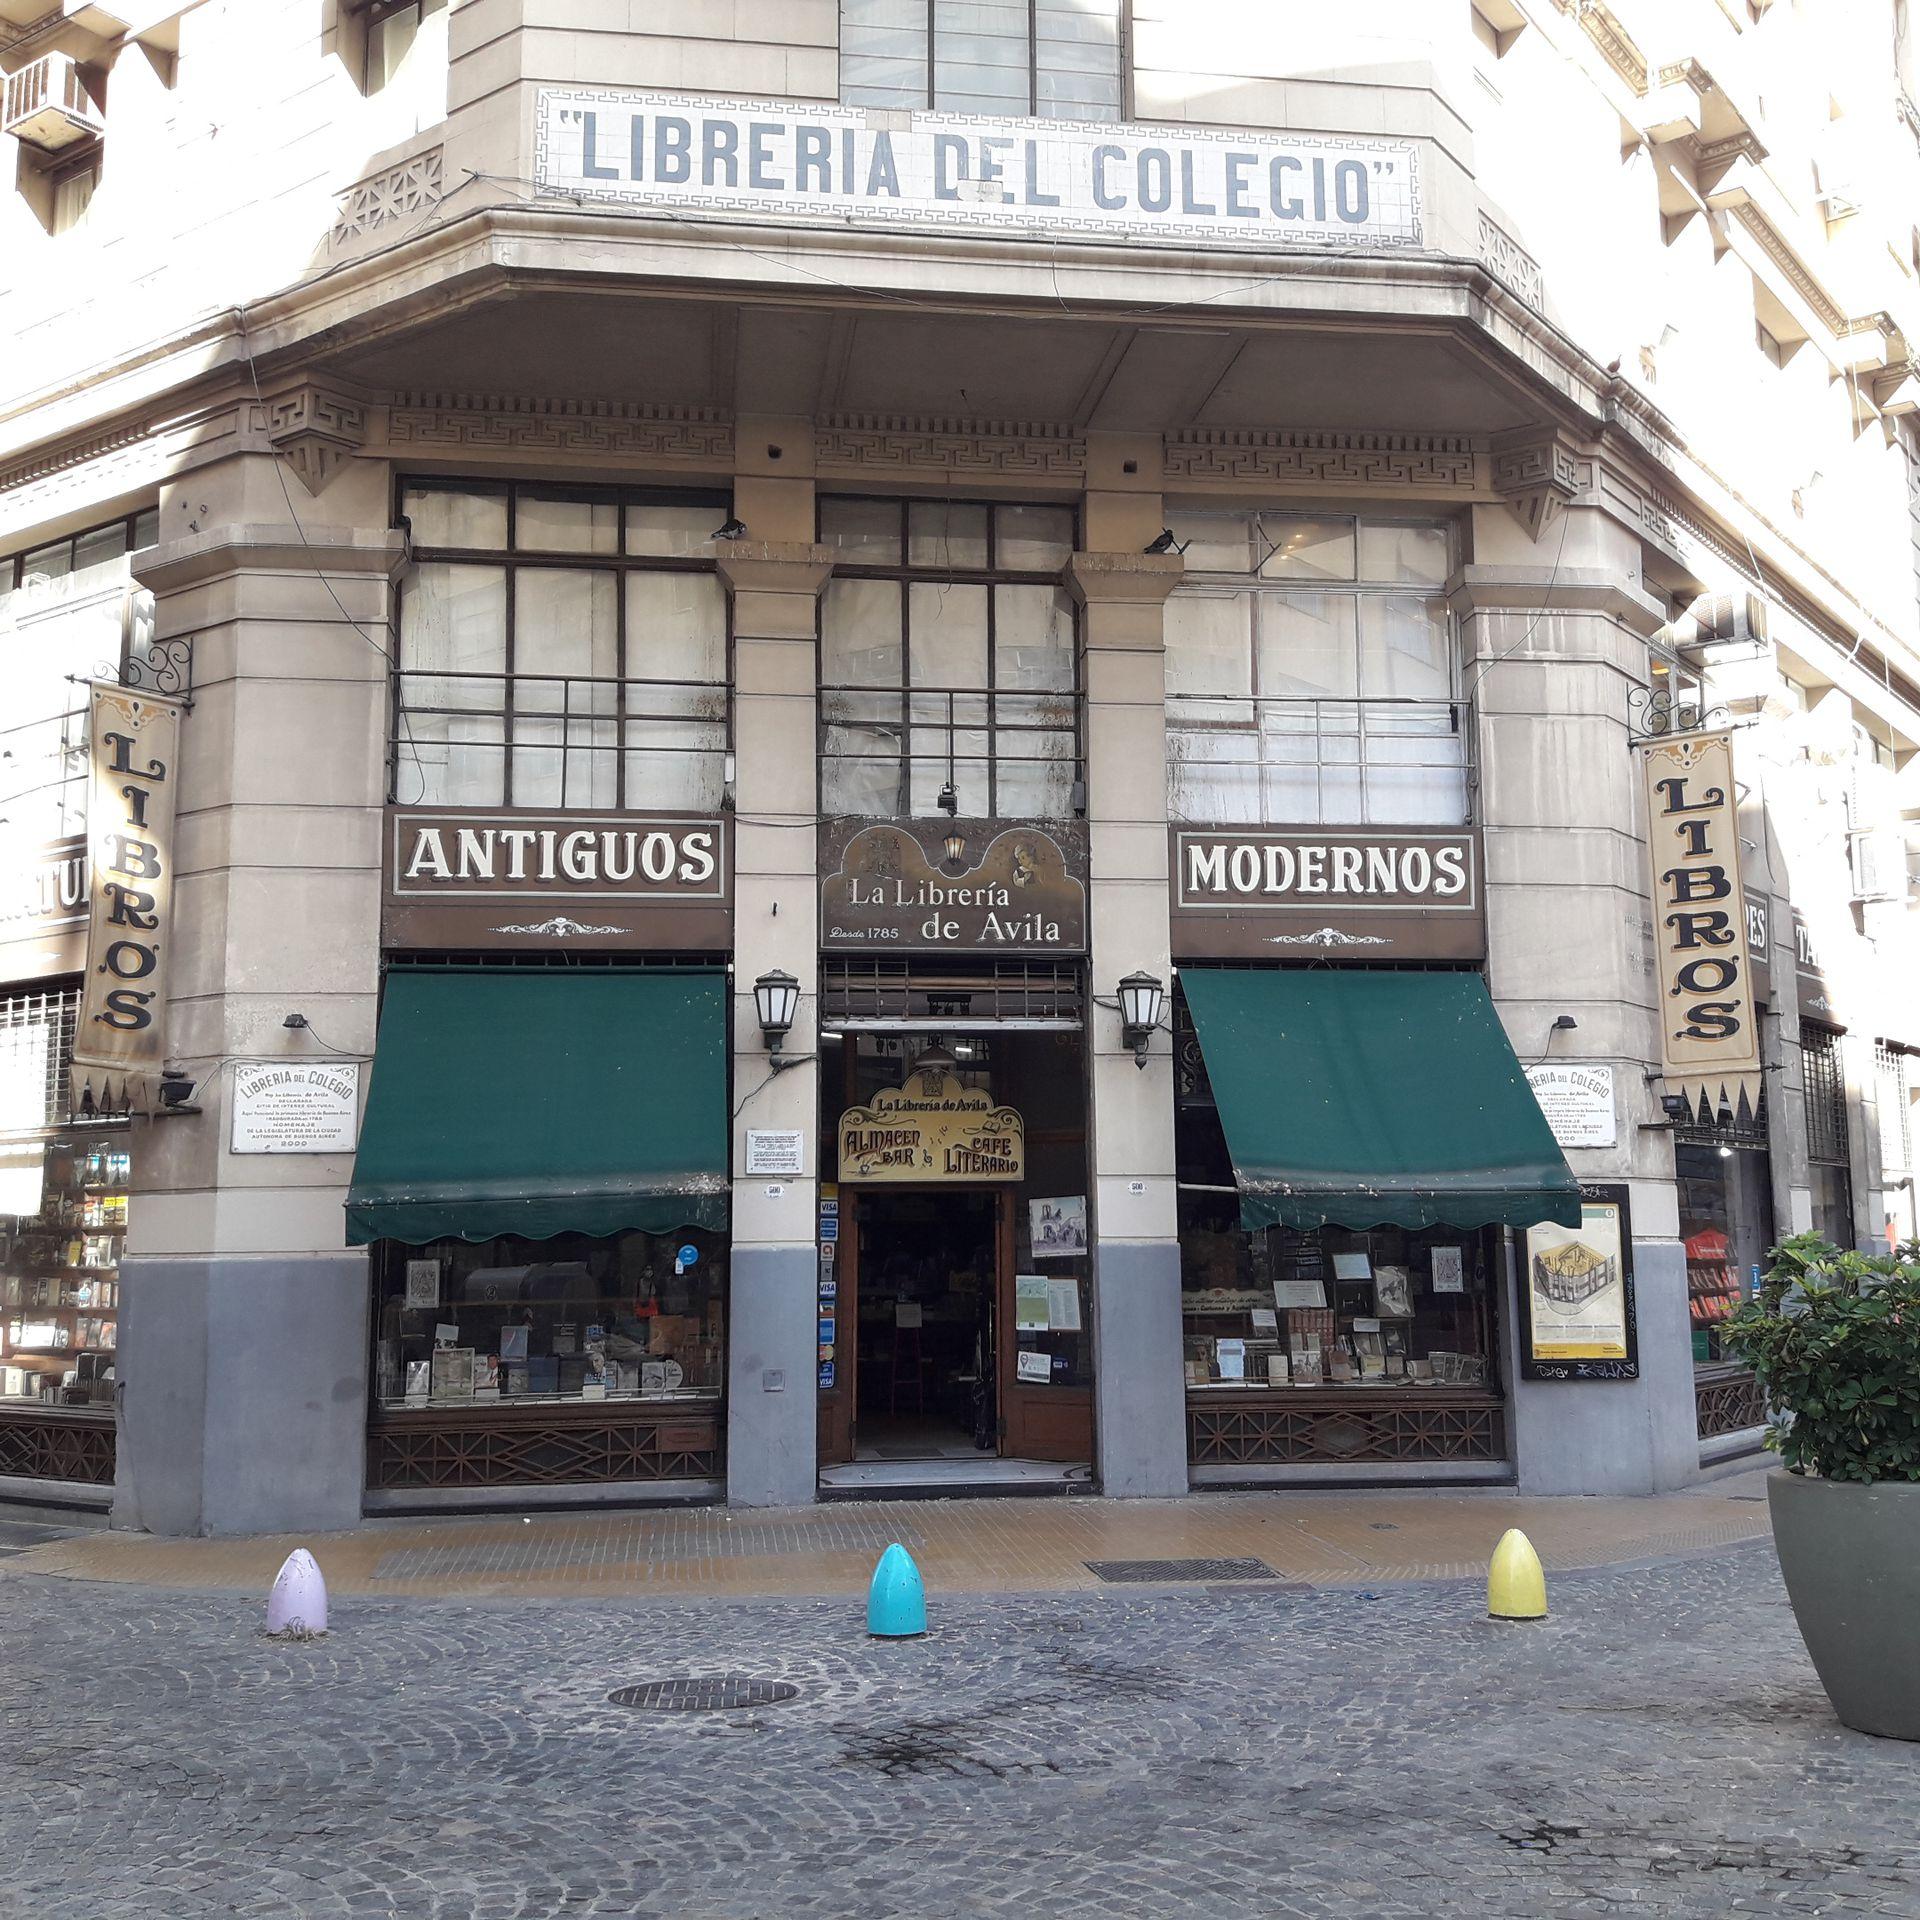 Antes llamada Librería del Colegio por su cercanía con el Nacional Buenos Aires, La Librería de Ávila data de 1785 y es un ícono de historia y cultura